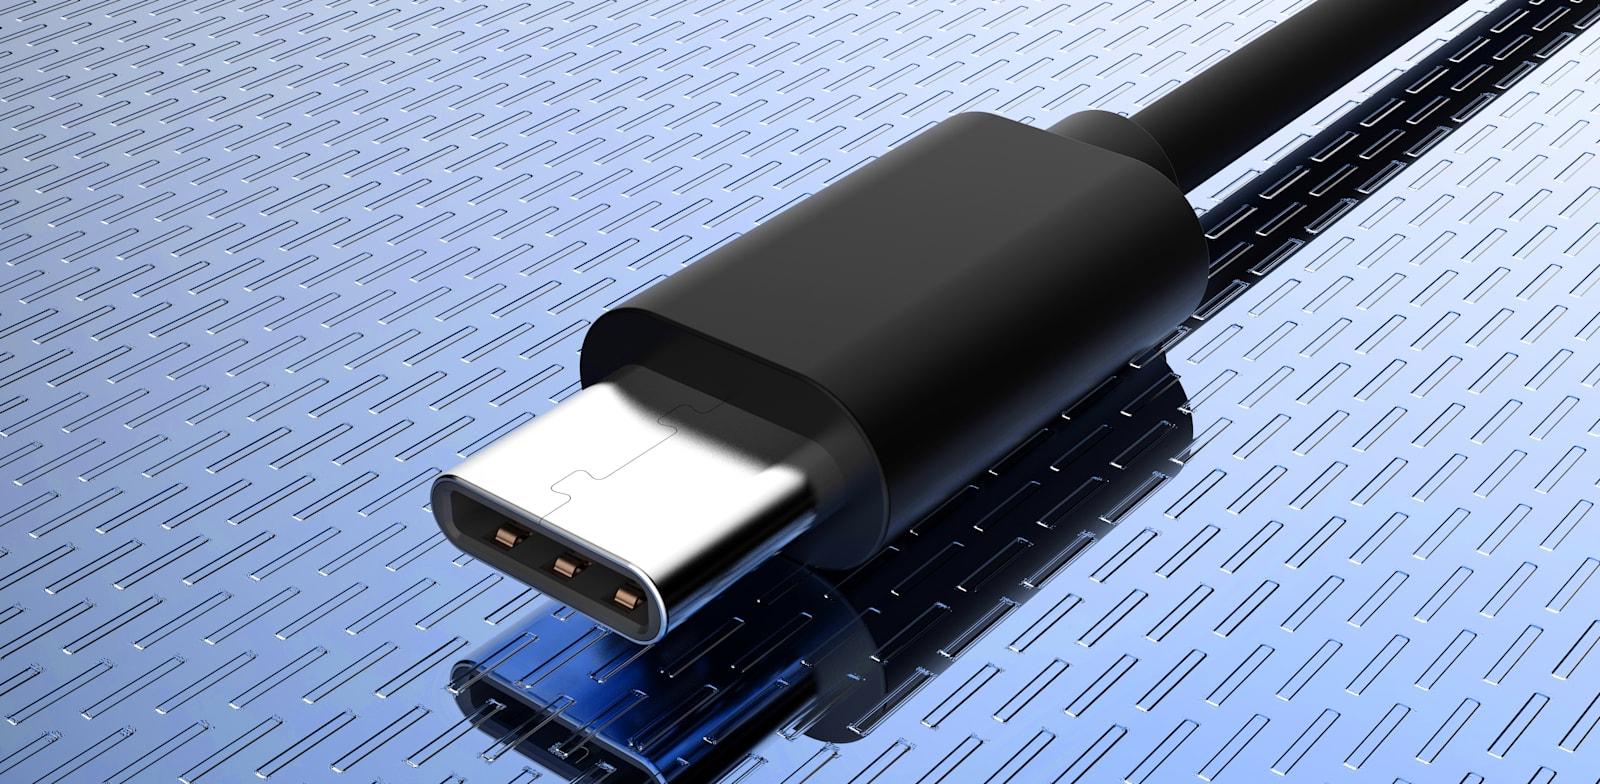 חיבור USB-C. אולי יתאים בקרוב גם לאייפון / צילום: Shutterstock, Sergei Kardashev